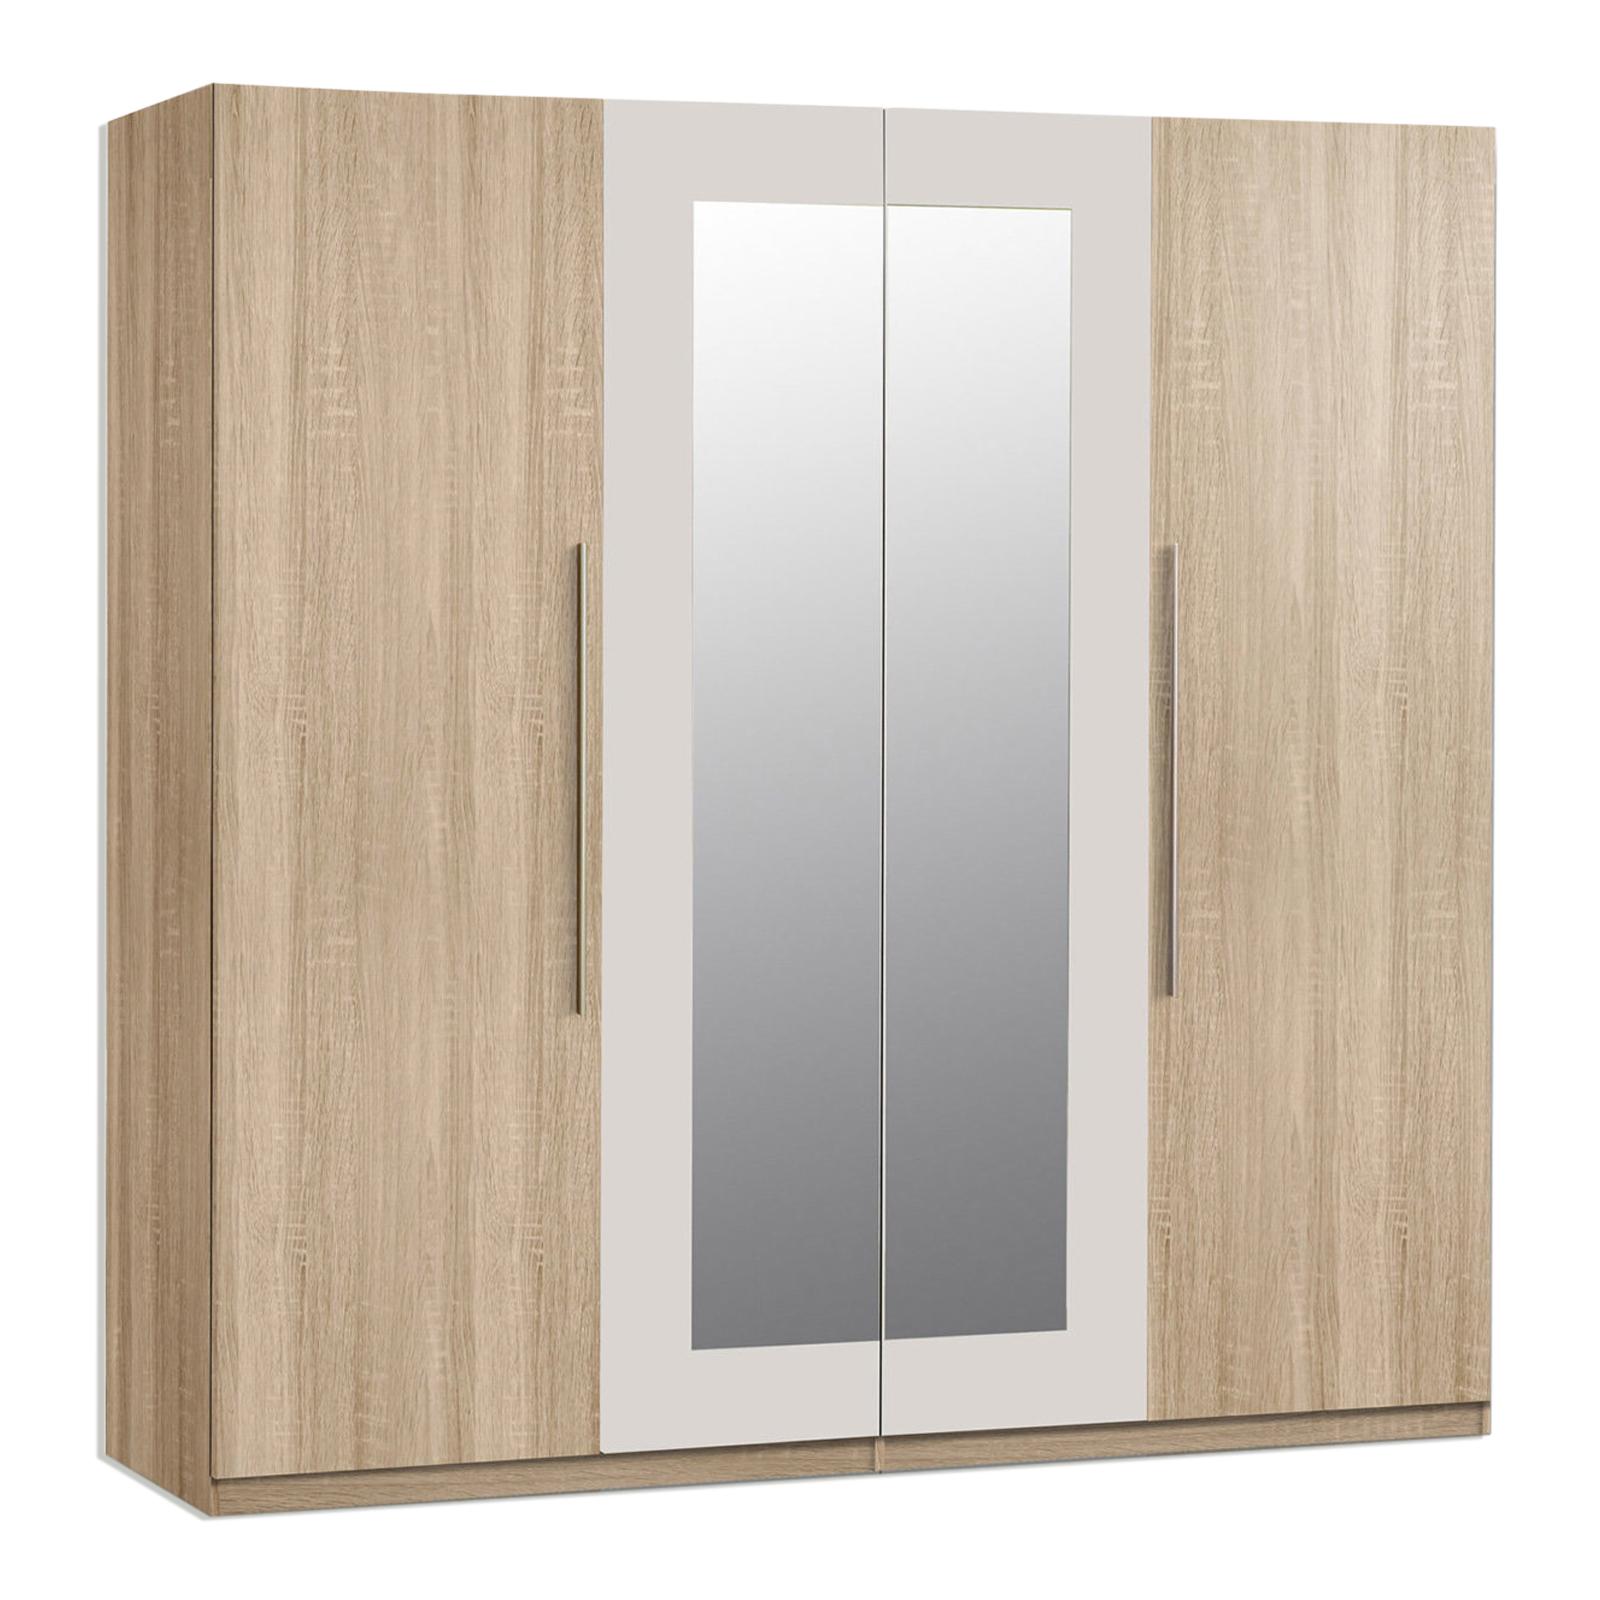 Kleiderschrank Eiche Sonoma Spiegel 228 Cm Online Bei